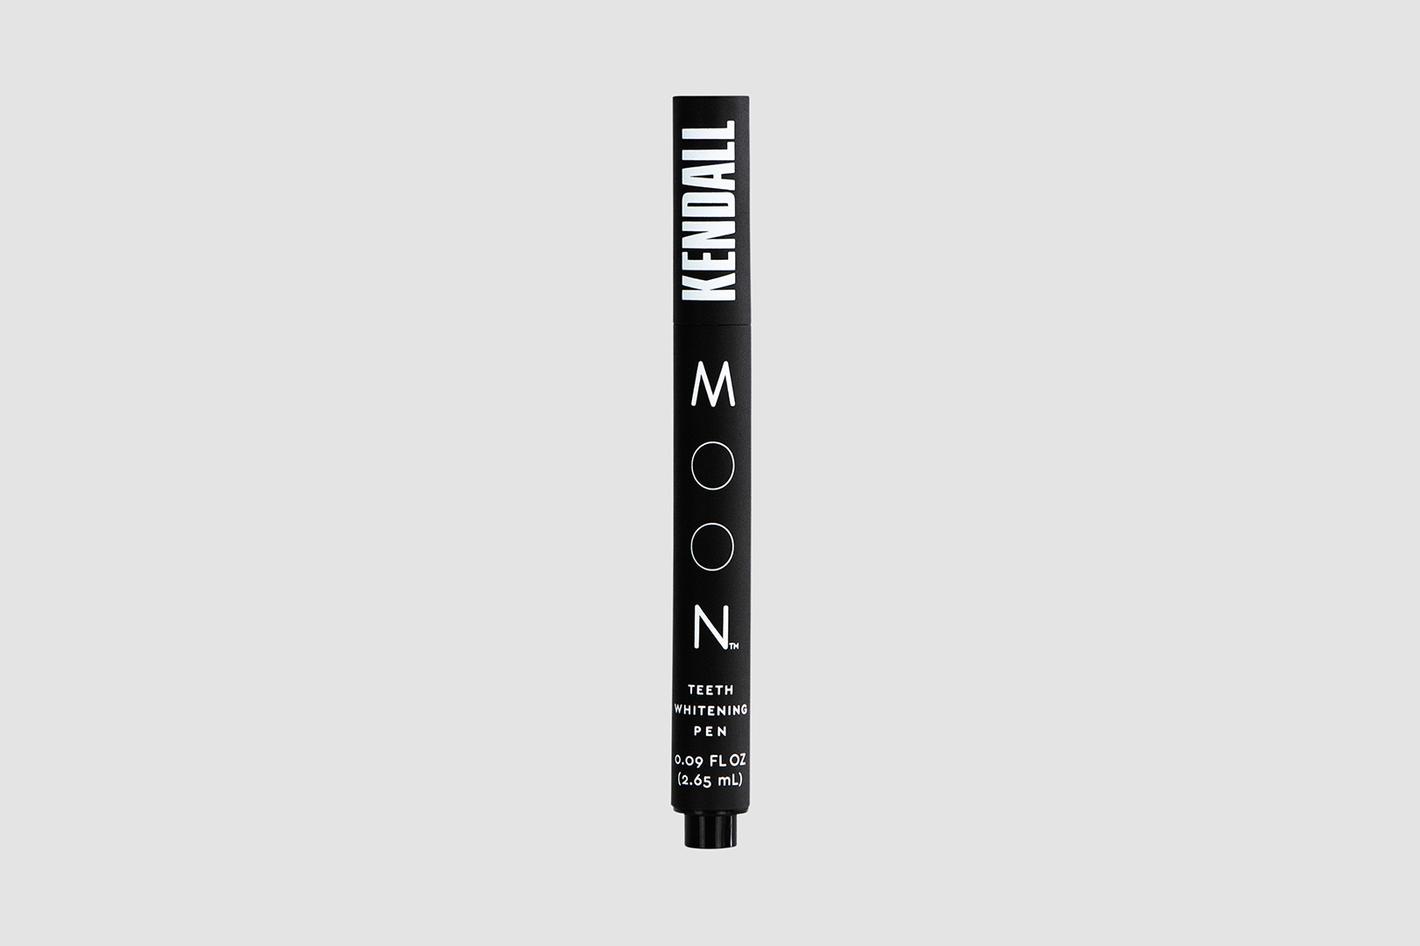 Moon Kendall Jenner Teeth Whitening Pen Vanilla Mint Flavor